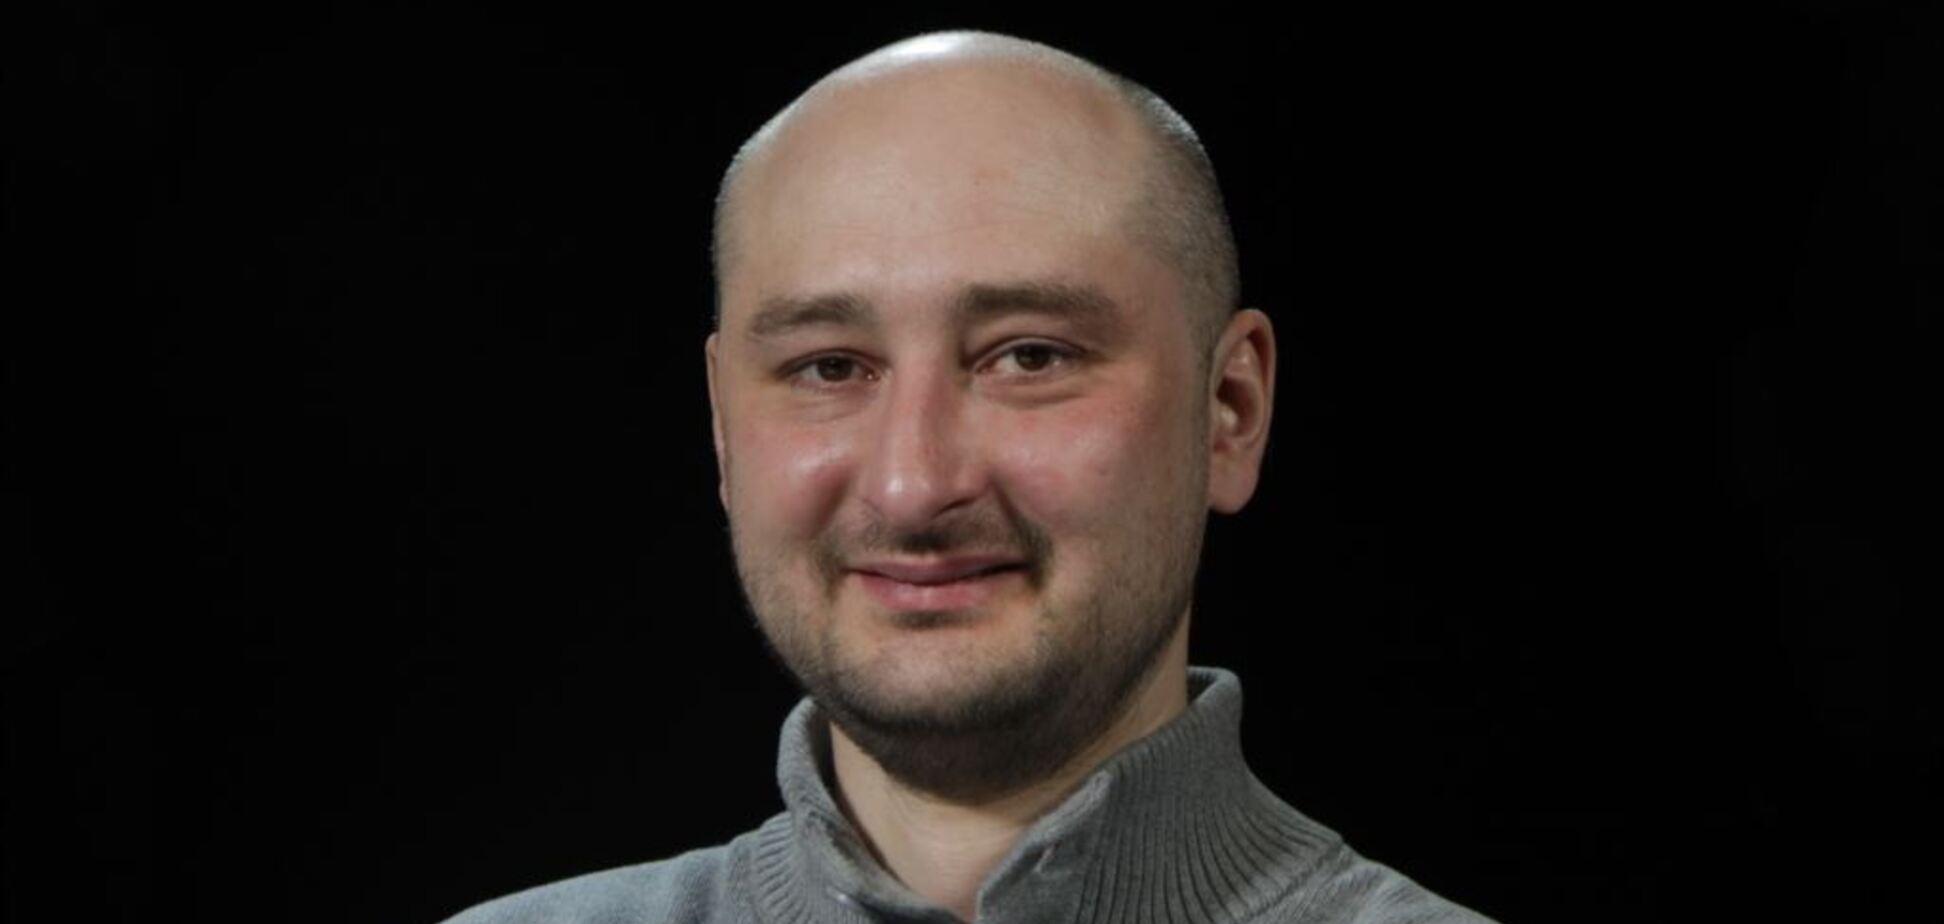 От Гонгадзе до Бабченко: черный счет